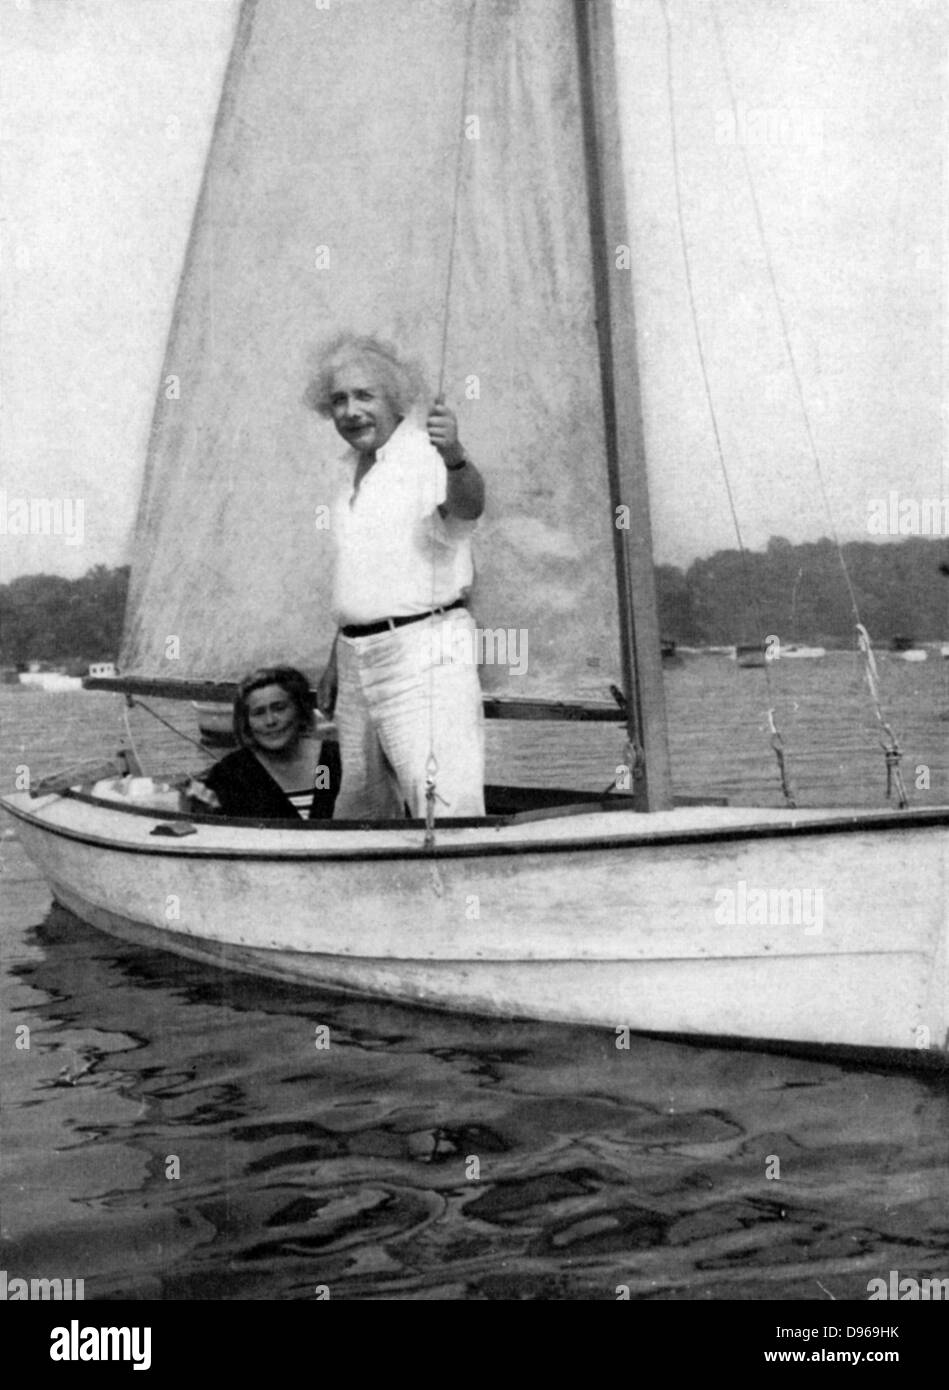 Albert Einstein (1879-1955) German-Swiss mathematician. Einstein sailing. Stock Photo